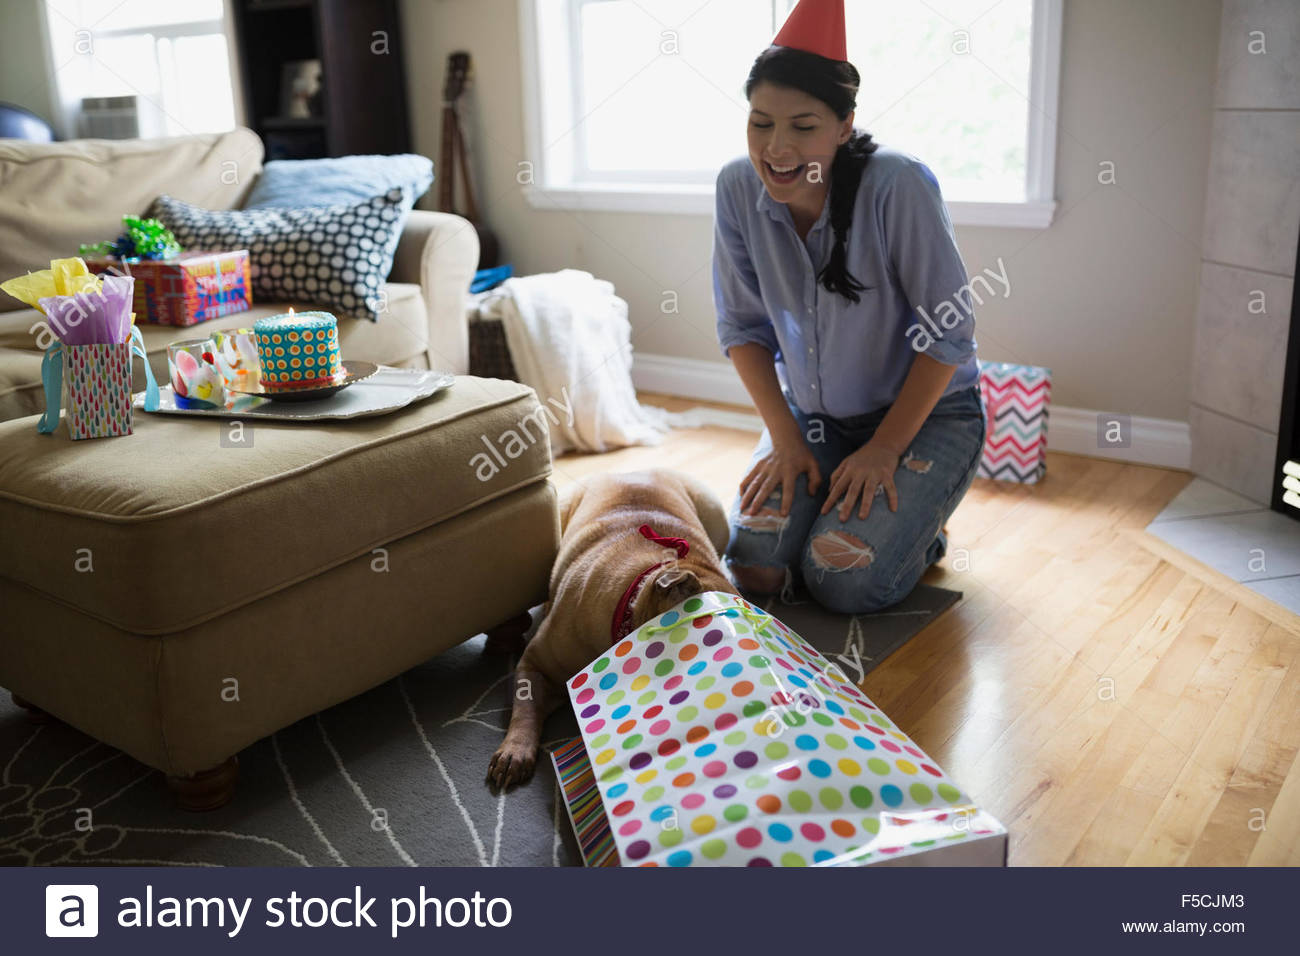 Hund Geburtstagsgeschenk im Wohnzimmer öffnen Stockbild